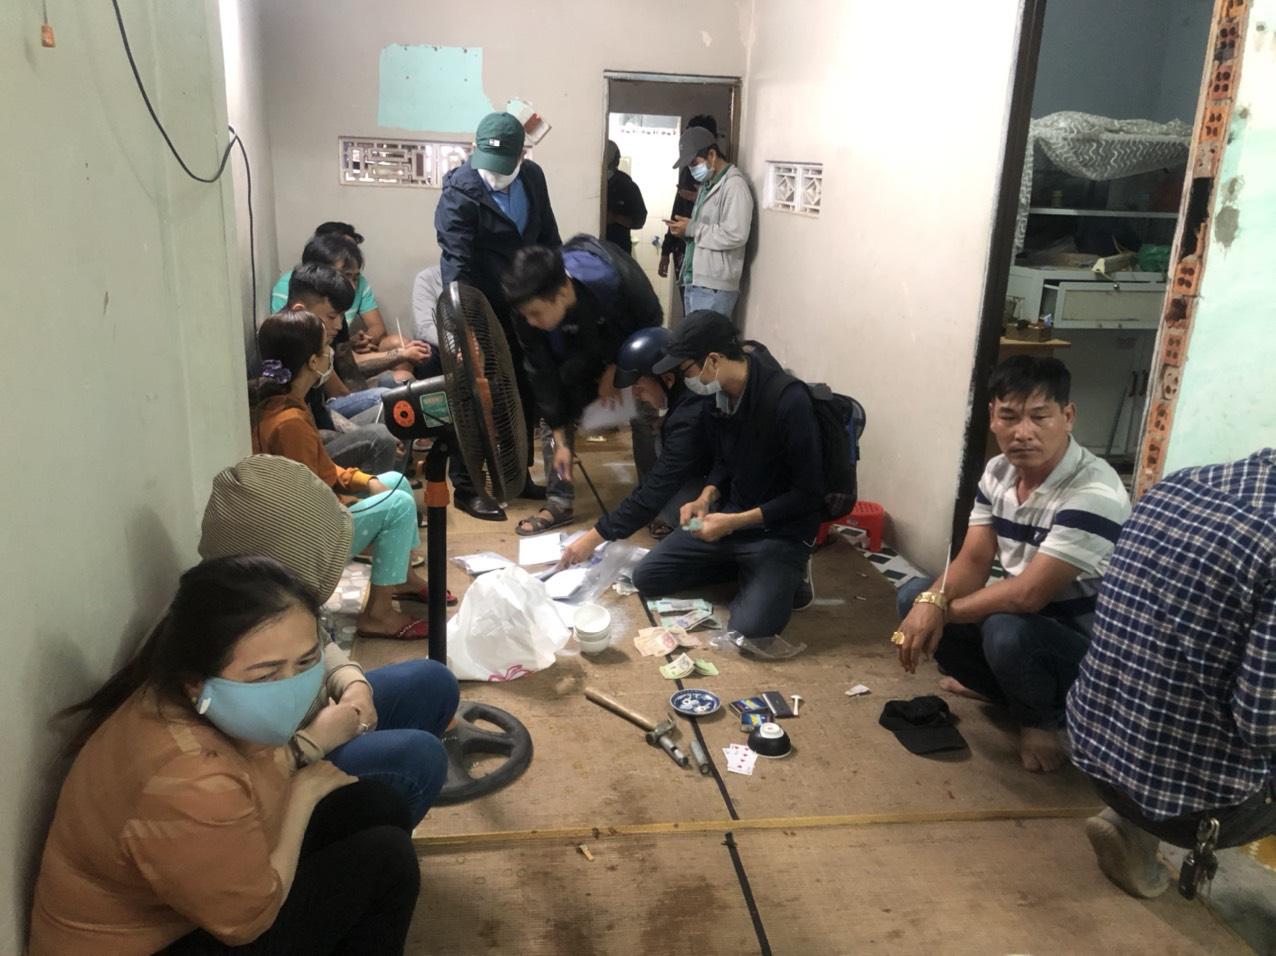 Cảnh sát hình sự đột kích sới bạc trong khu dân cư, bắt hàng chục con bạc ăn thua cả trăm triệu đồng-1